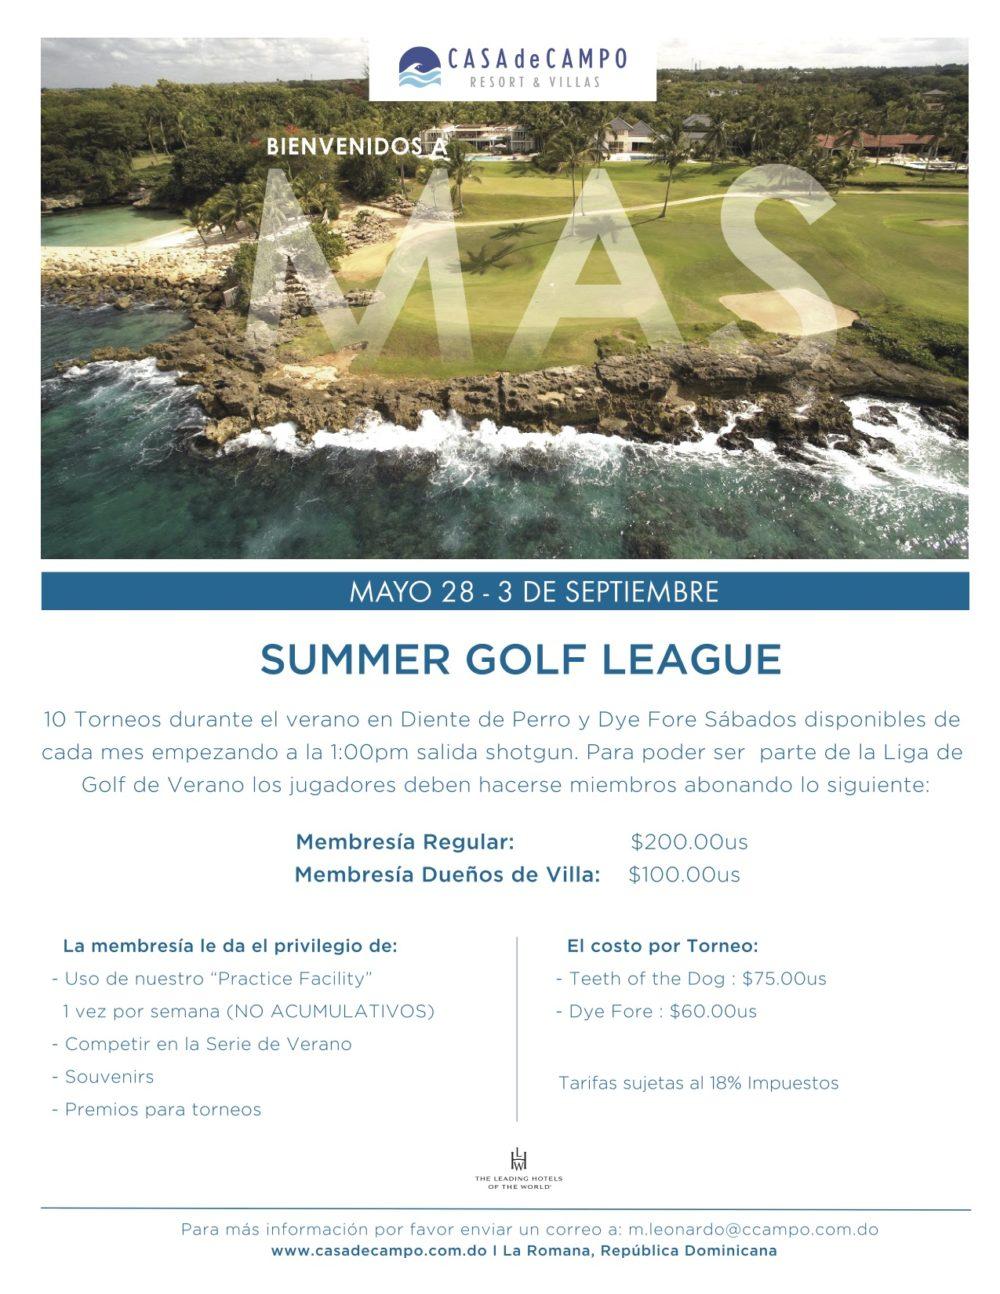 Summer Golf League Casa de Campo